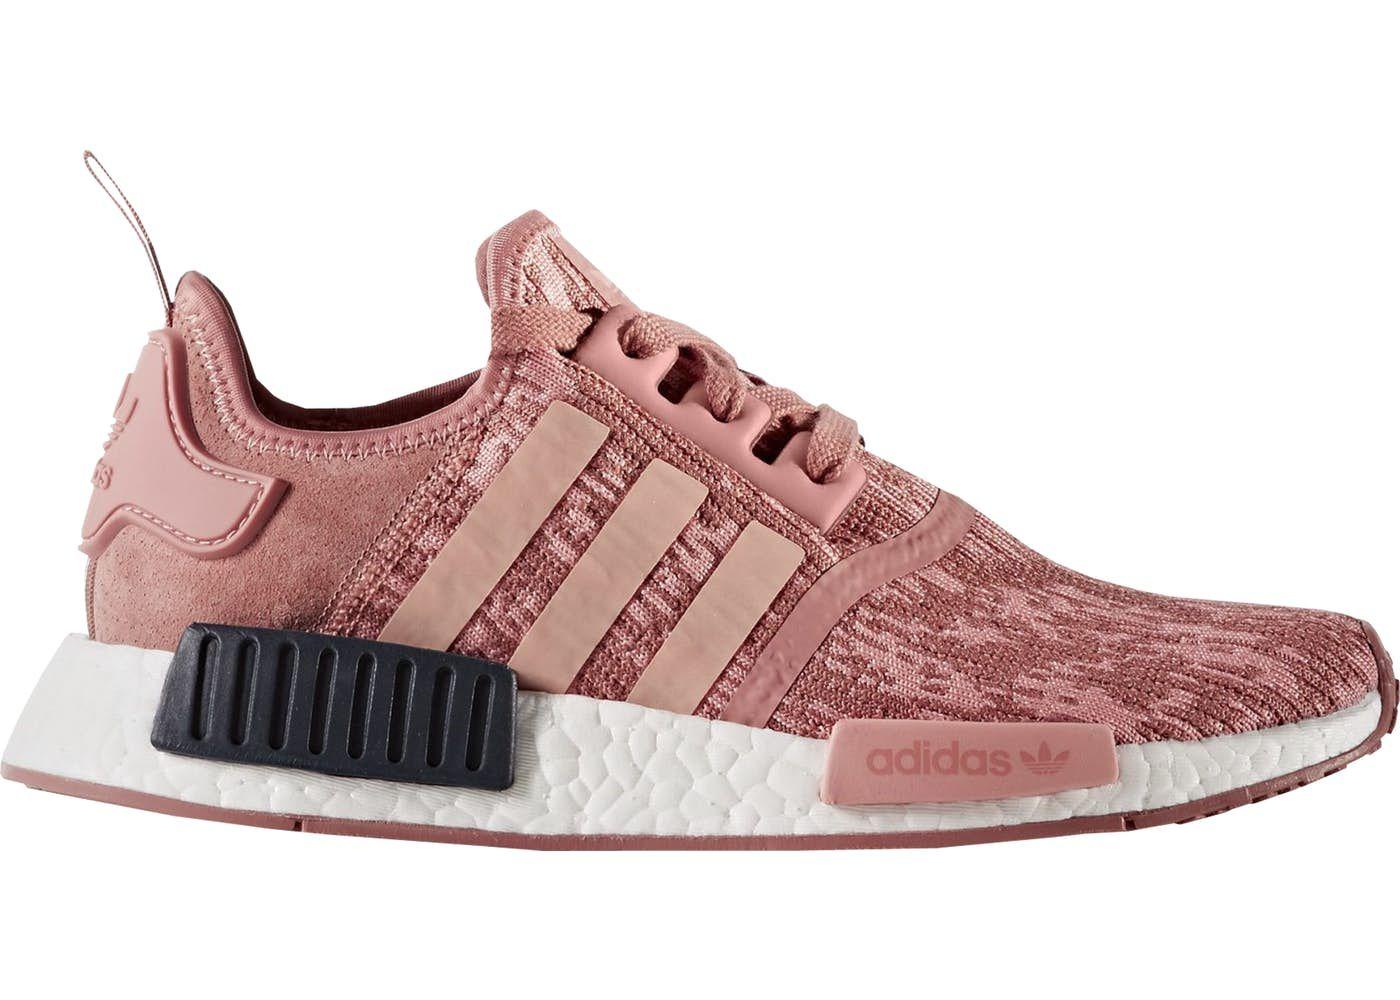 952ff564e adidas NMD R1 Raw Pink Glitch (W) in 2019